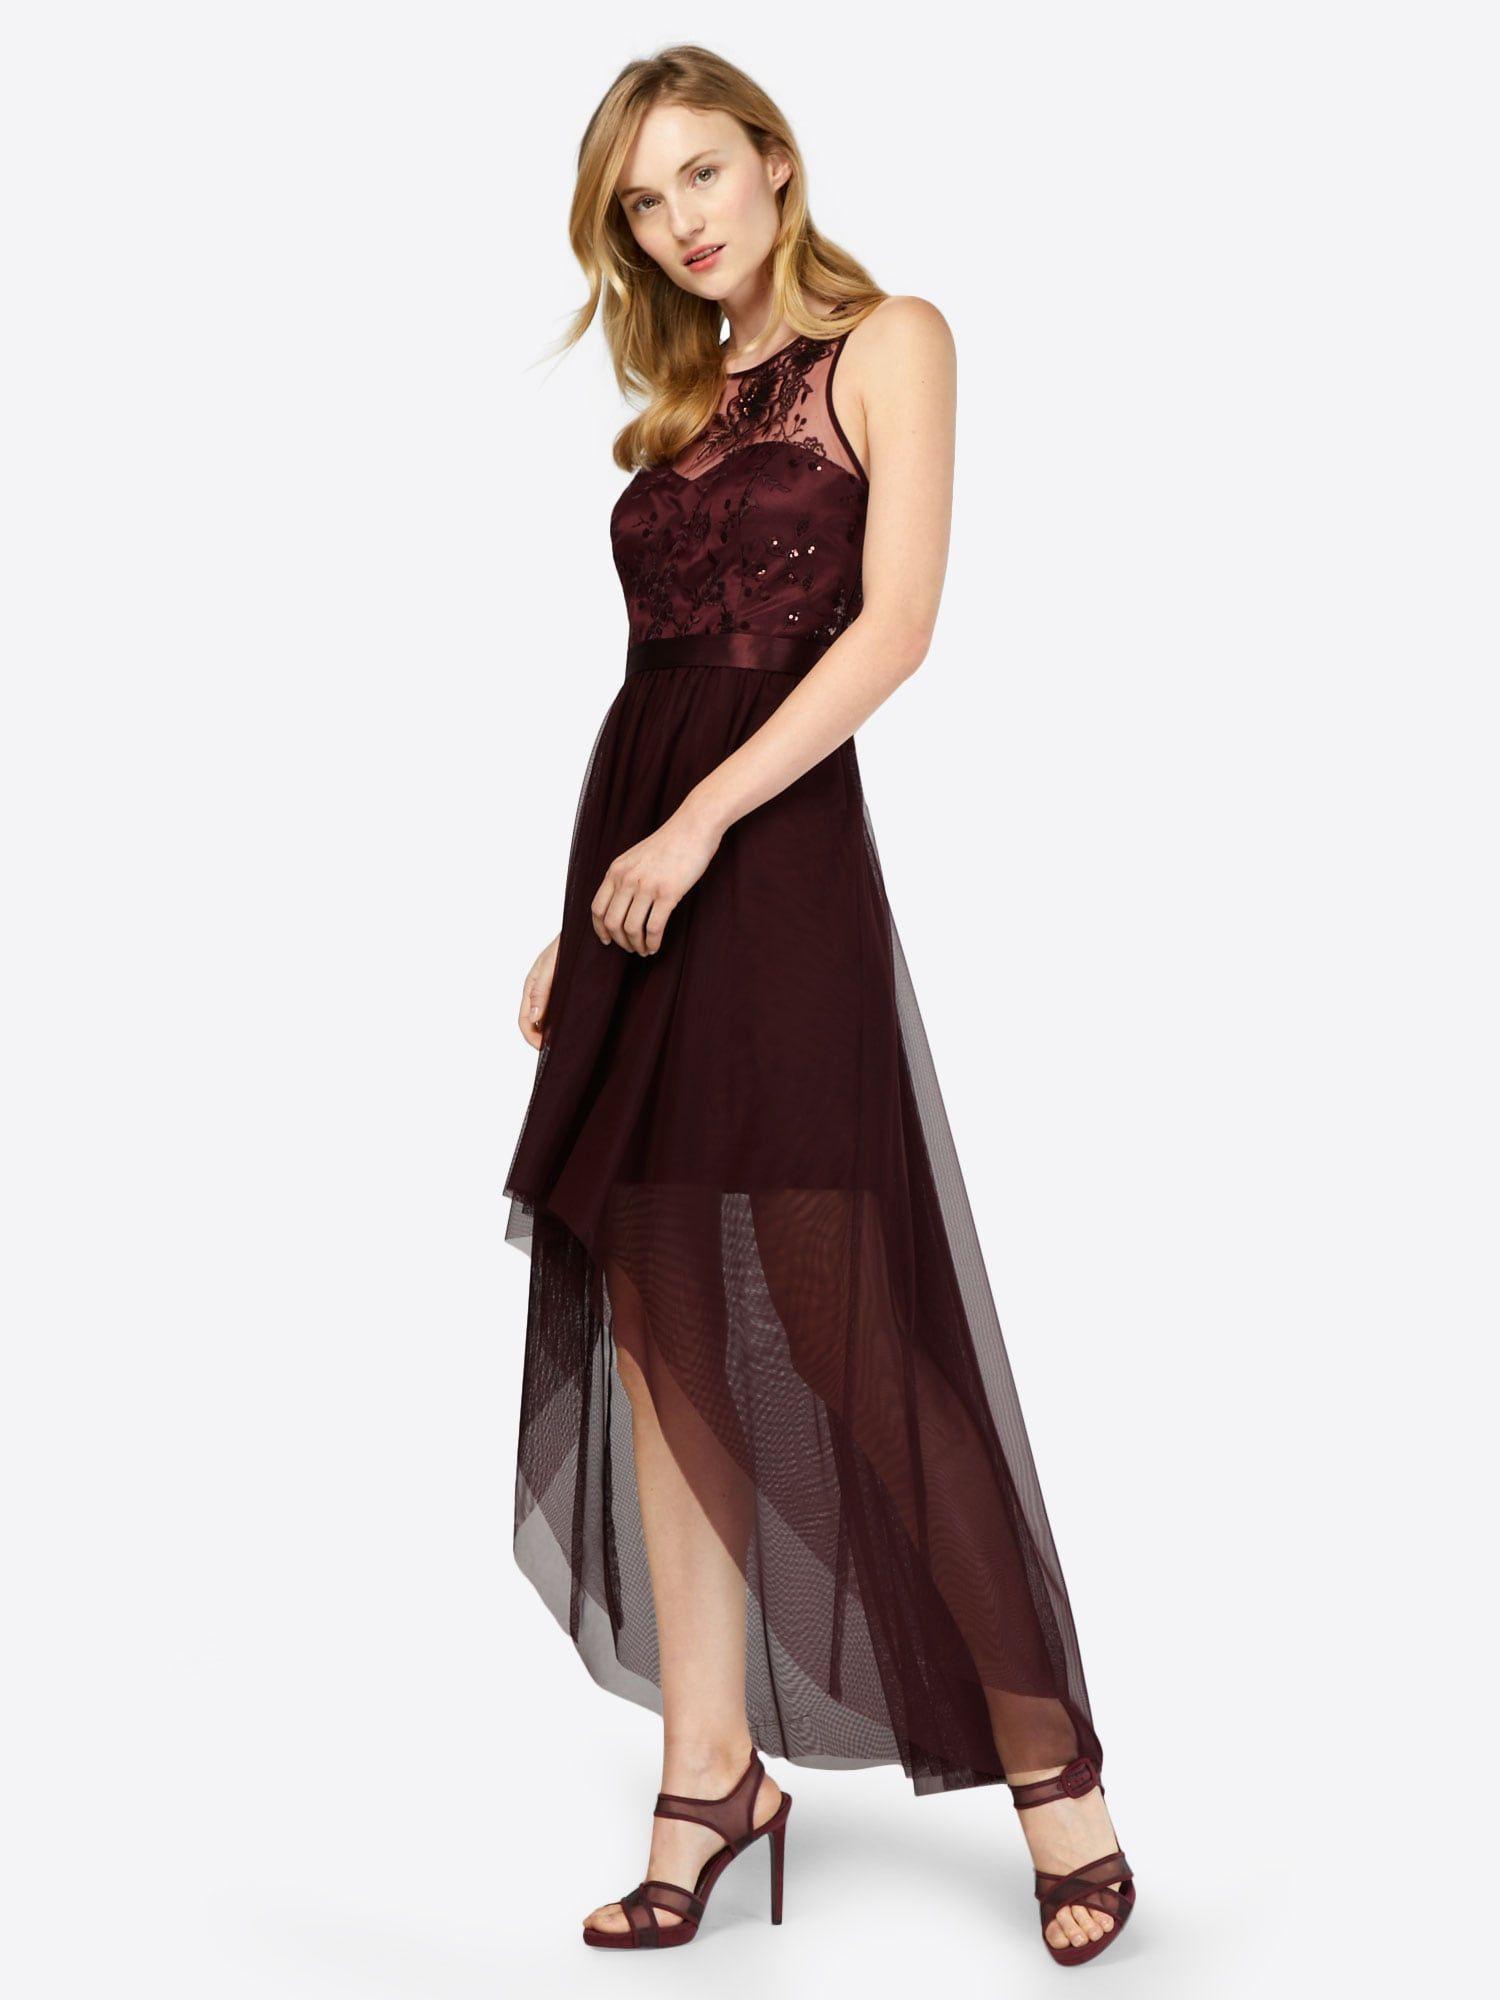 17 Wunderbar V.M. Abendkleid Spezialgebiet15 Leicht V.M. Abendkleid Design